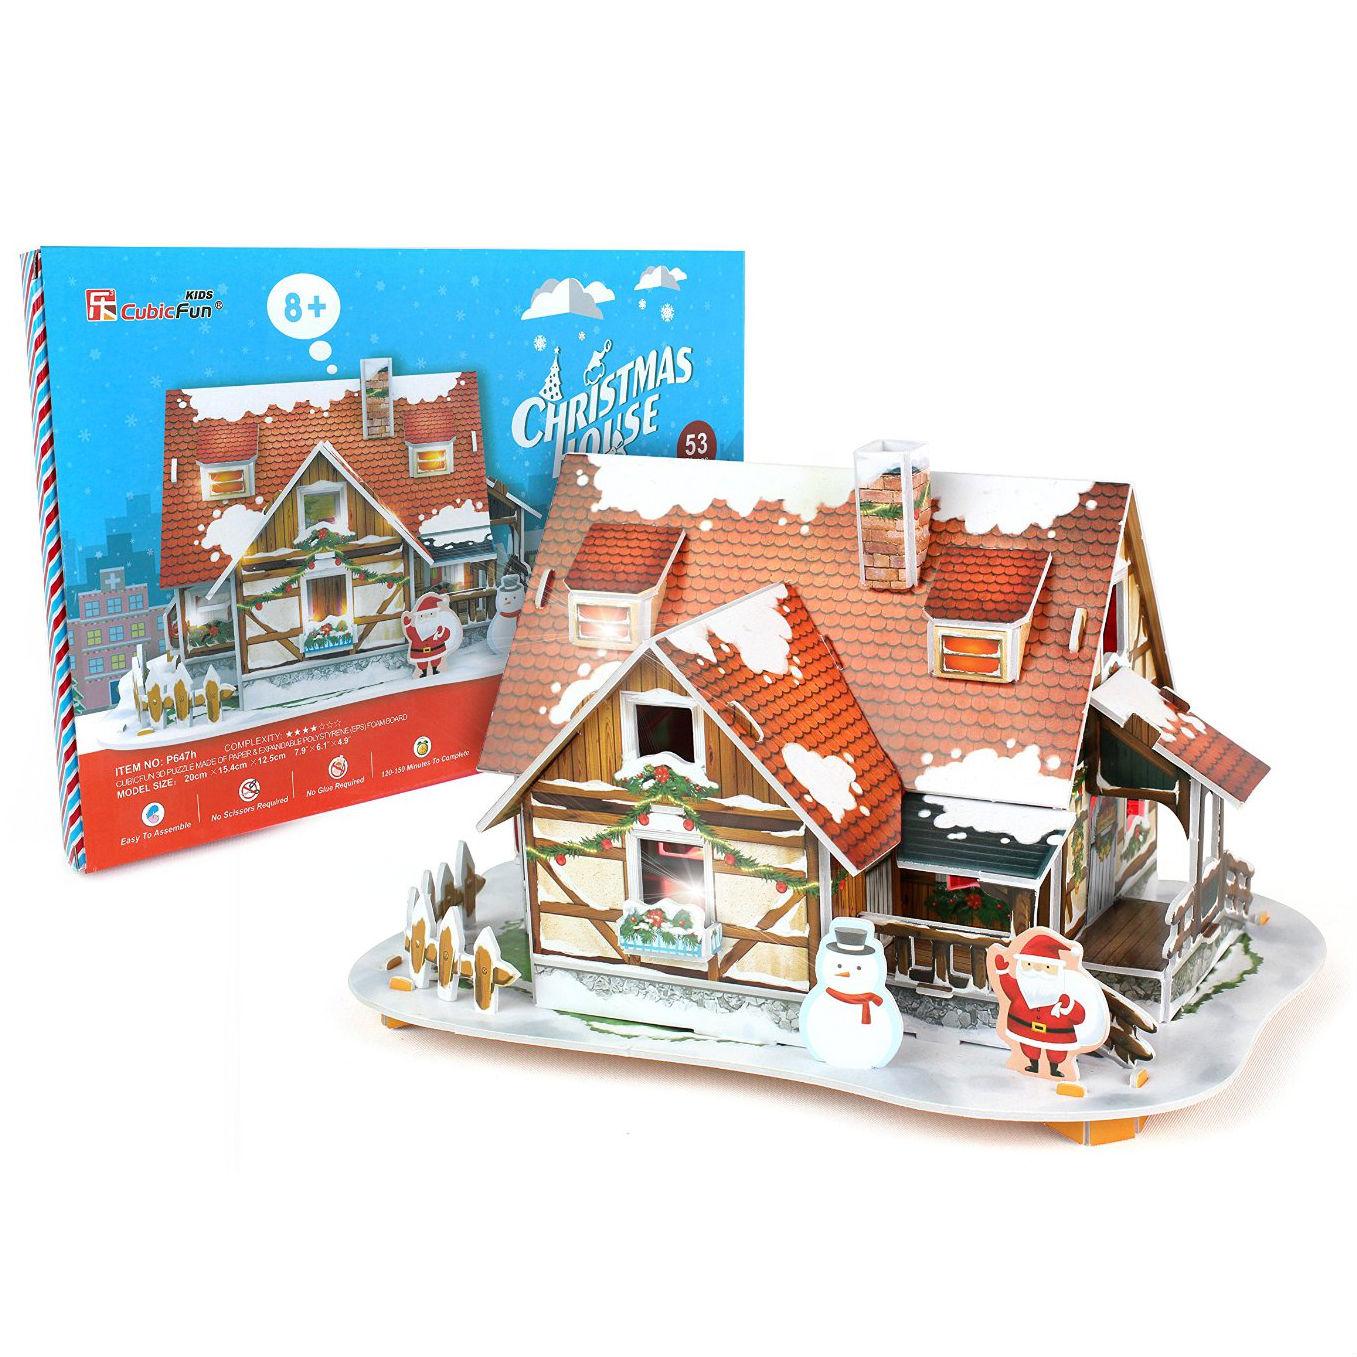 Купить 3D-пазл с подсветкой - Рождественский домик, 53 детали, Cubic Fun